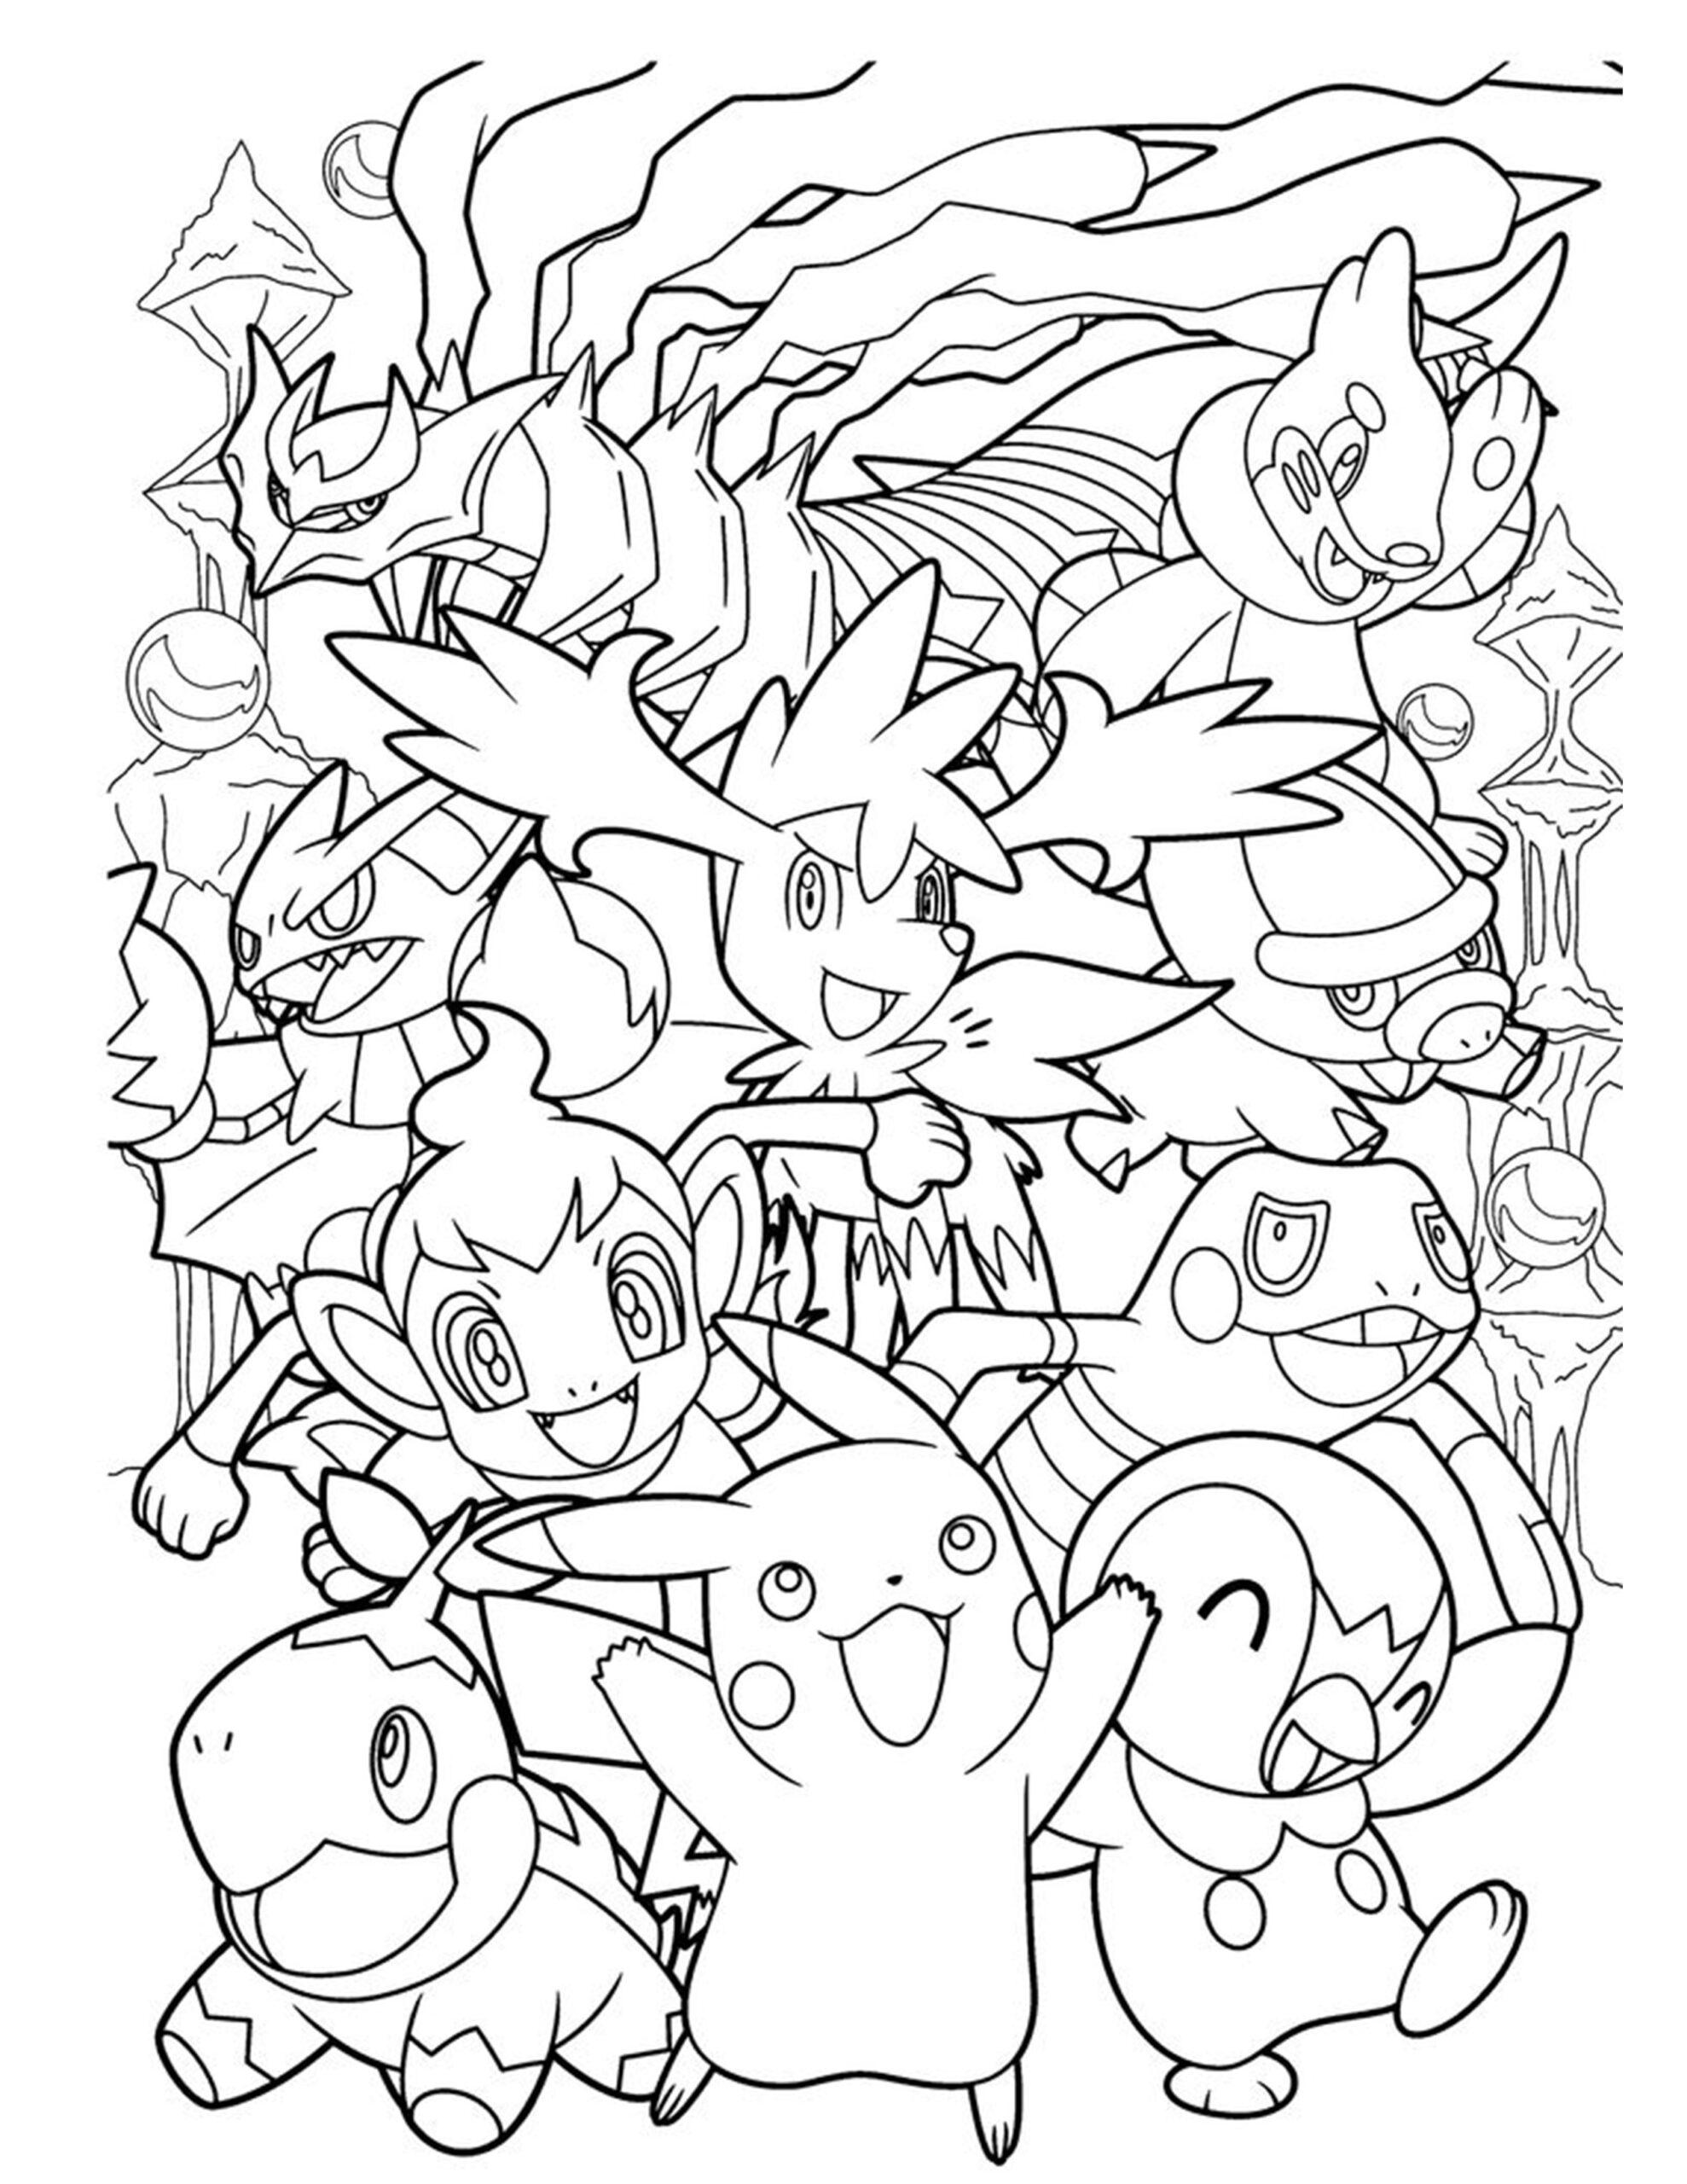 grote pokemon kleurplaat gratis downloaden